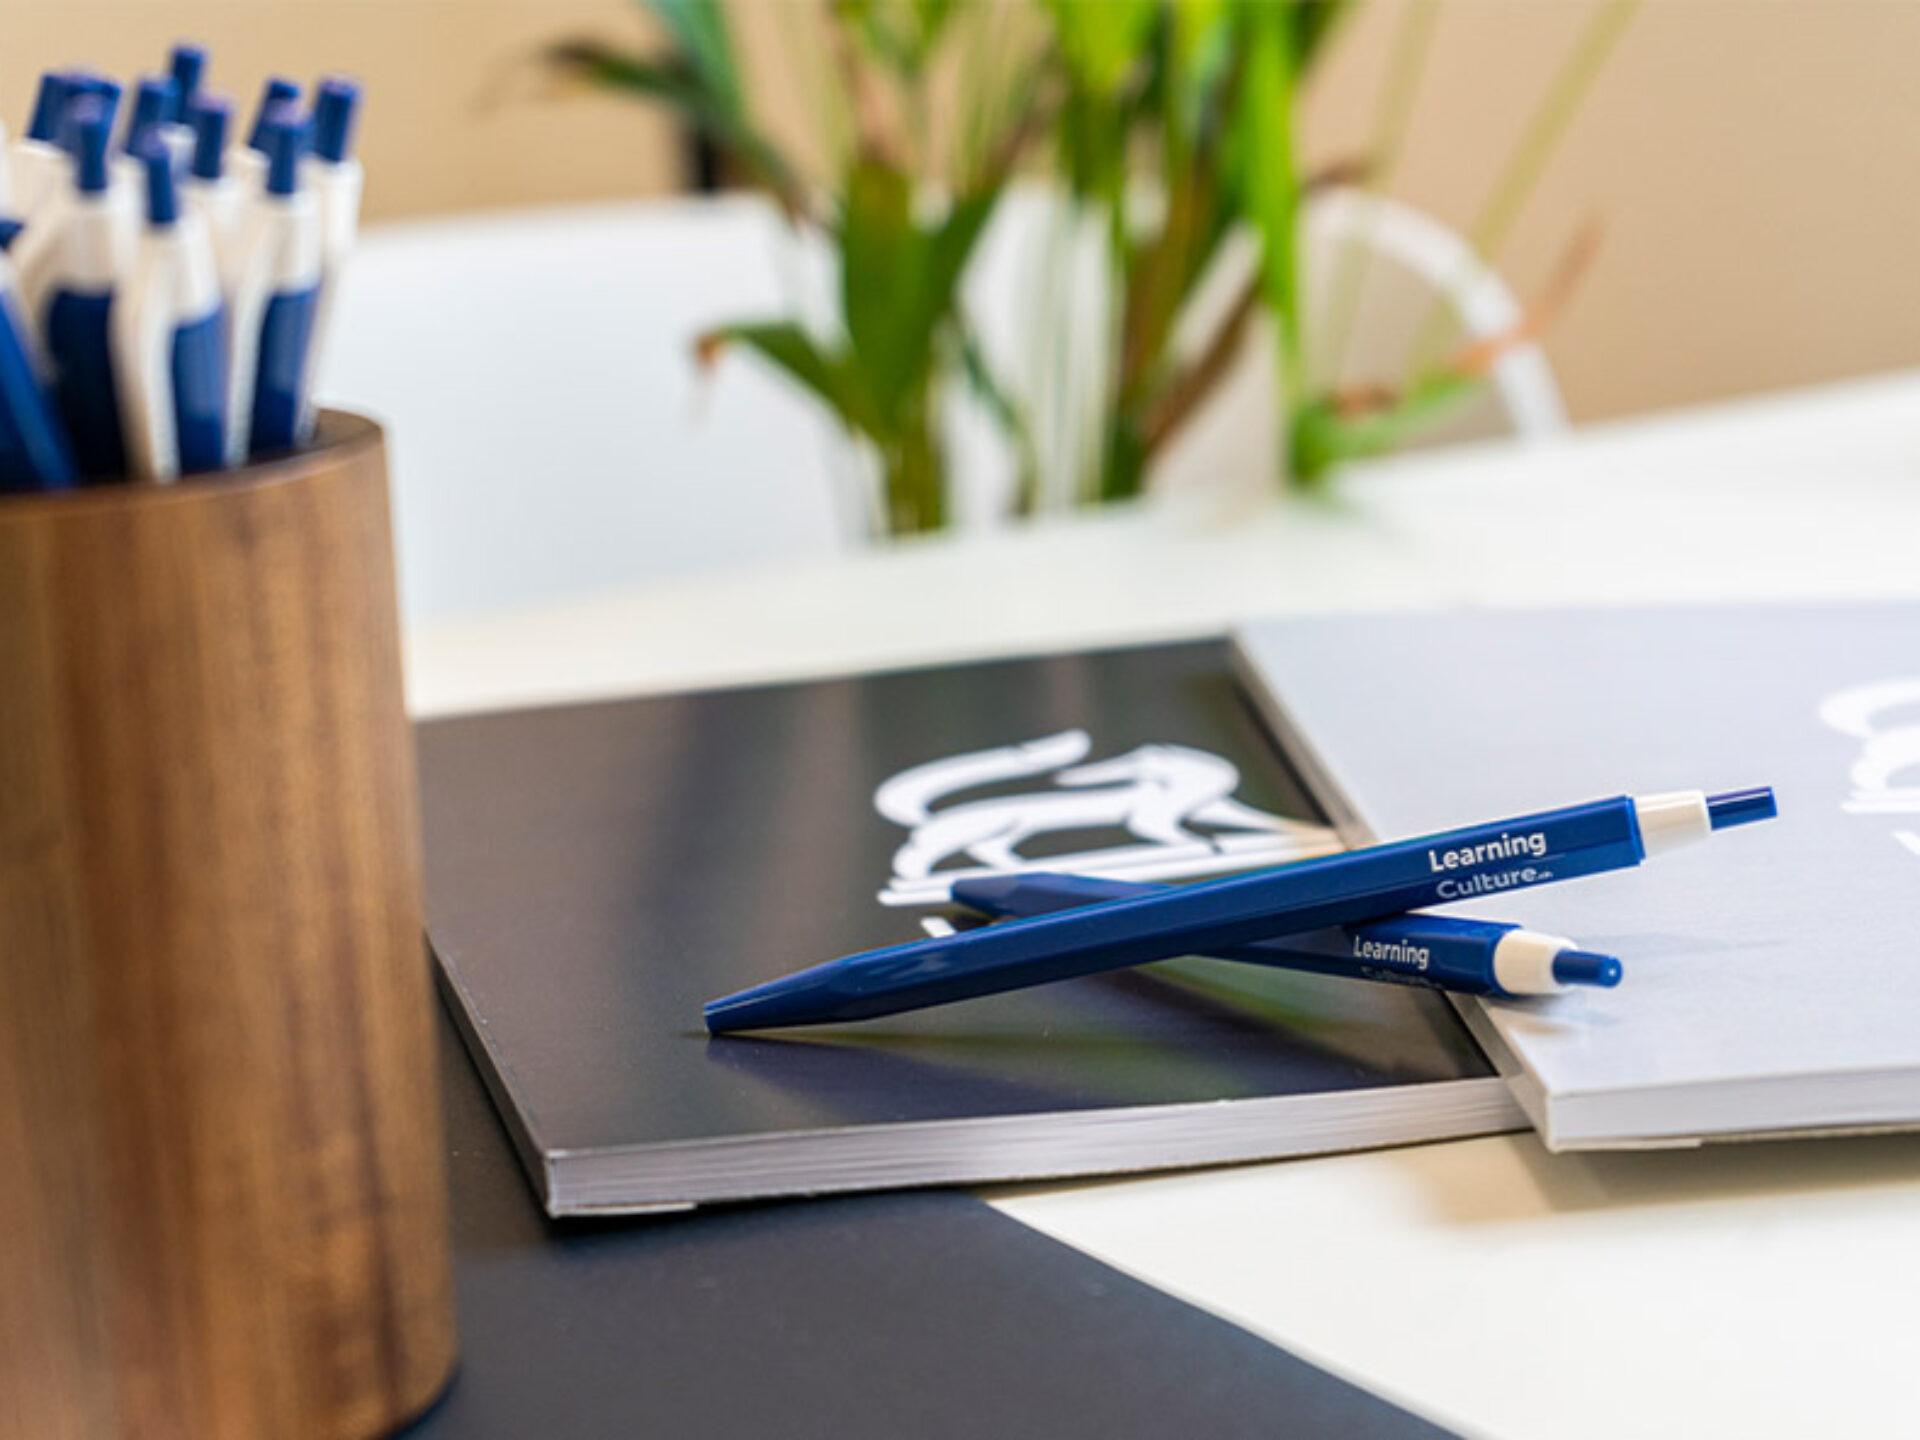 kugelschreiber-caran-dache-learning-culture-mit-logo-bedruckt